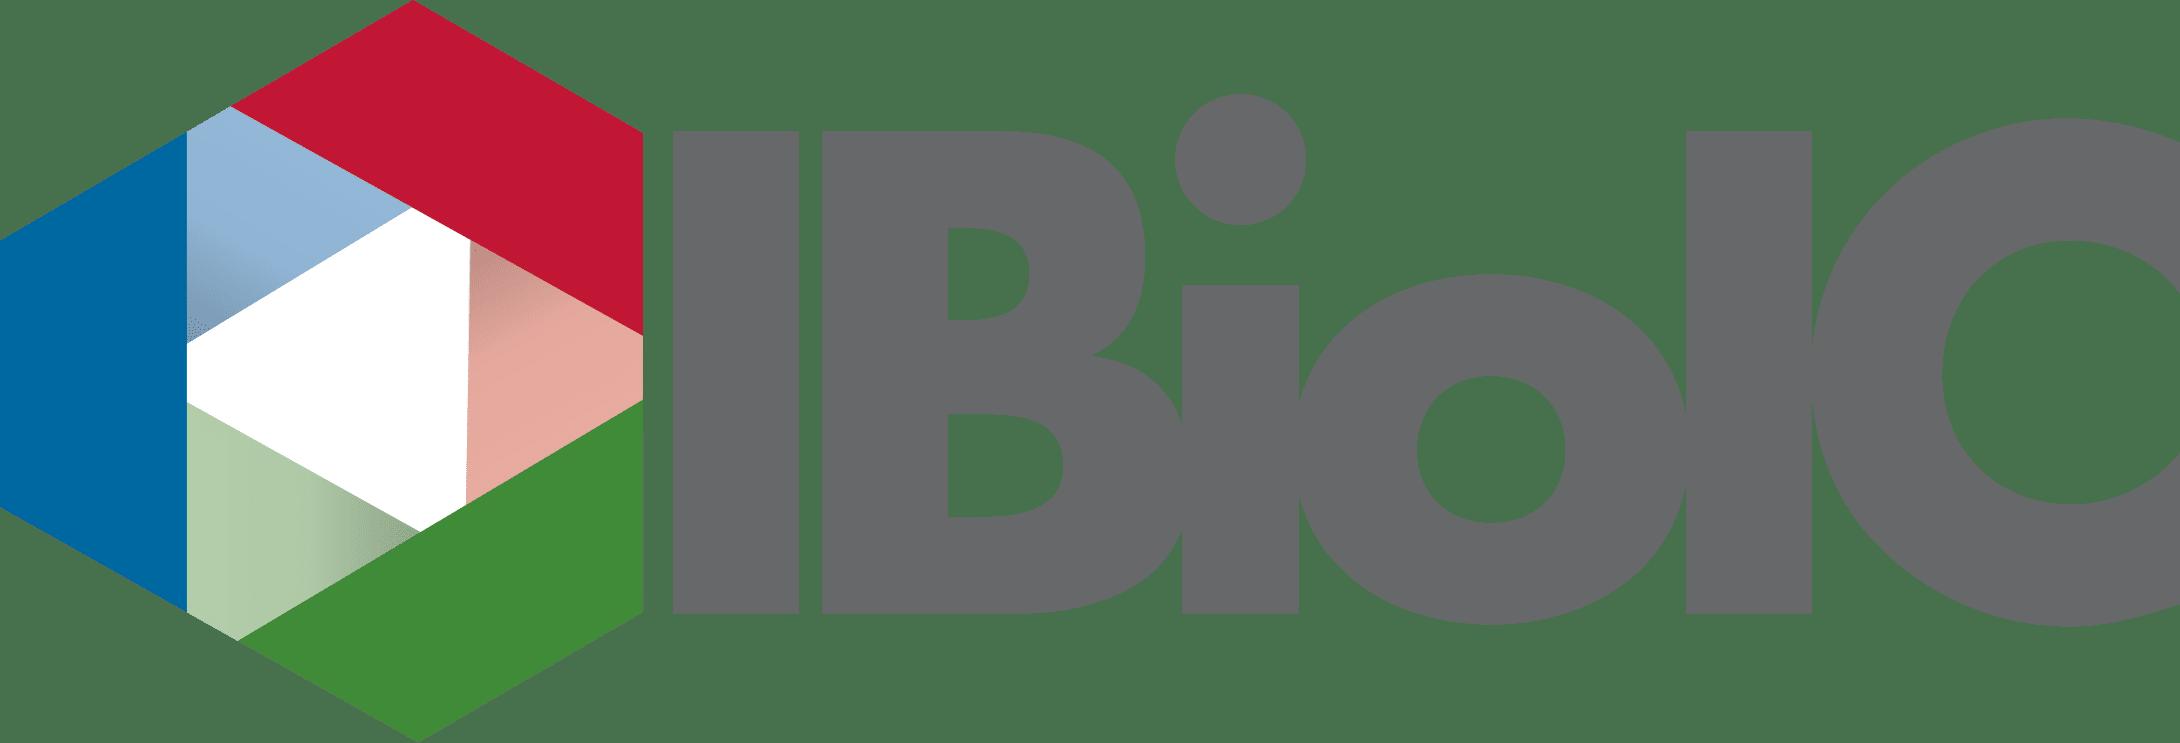 IBioIC logo